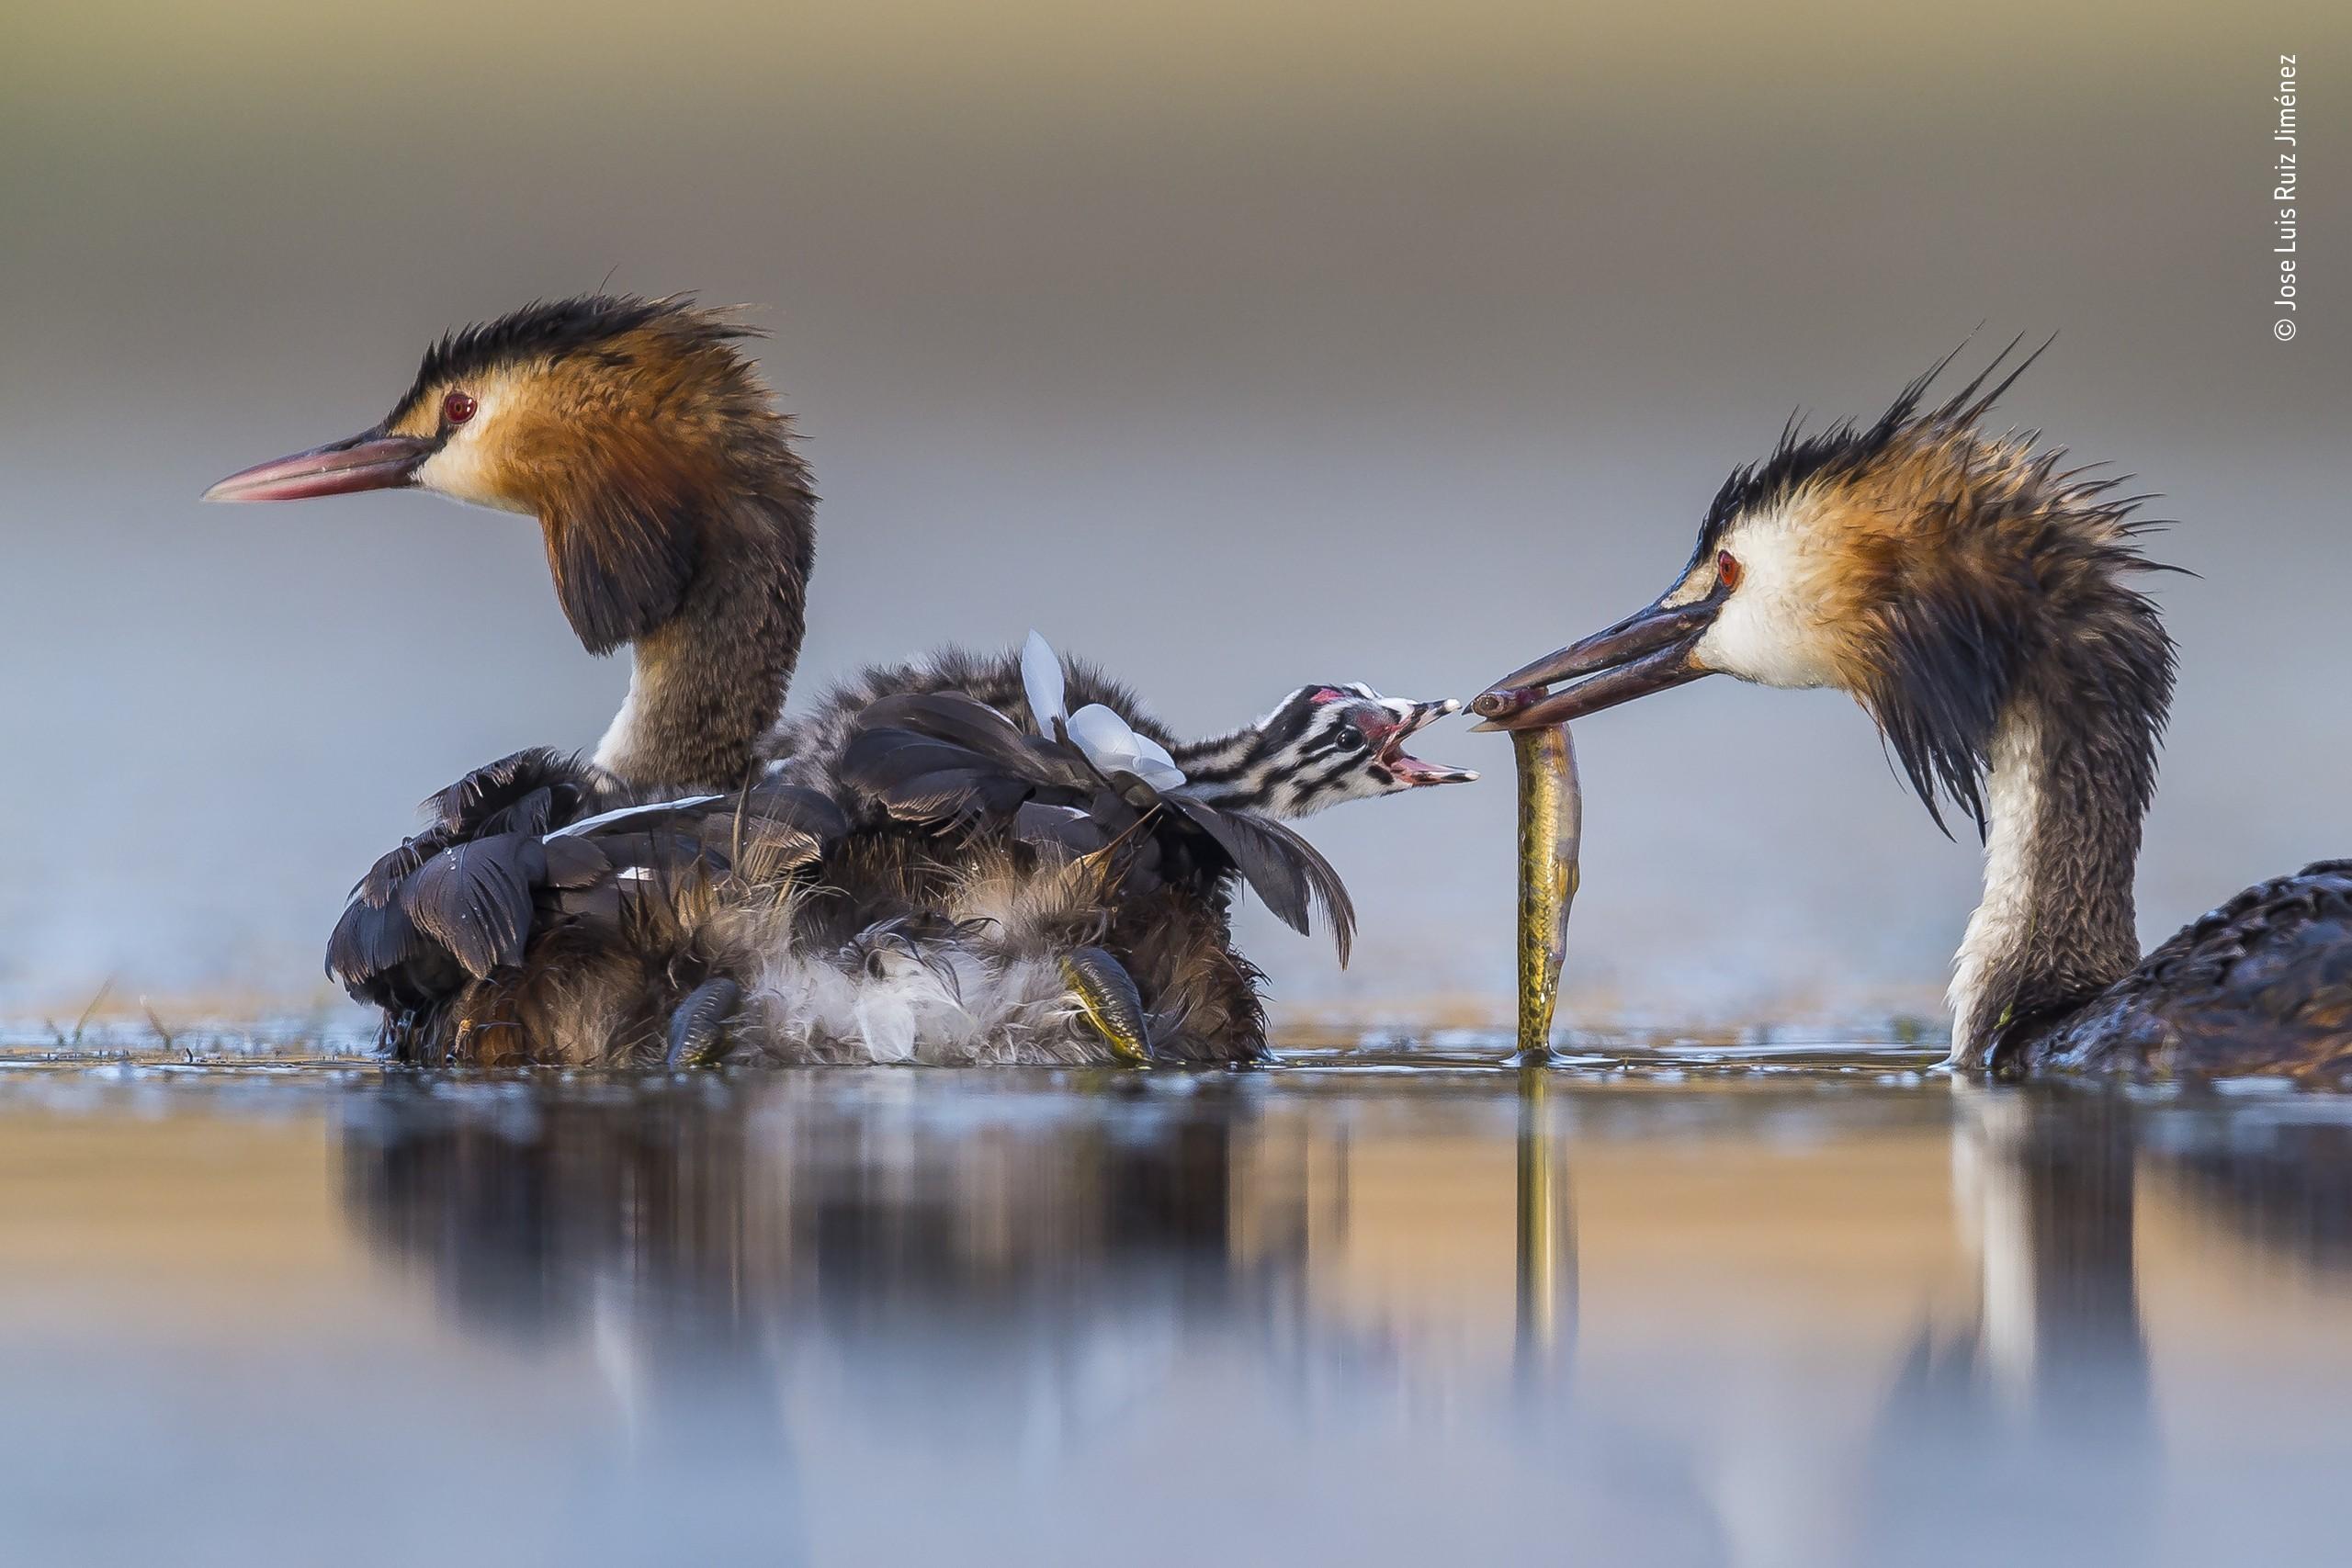 Победитель в категории «Поведение: Птицы», 2020. Кормление в семье больших поганок. Автор Хосе Луис Руис Хименес